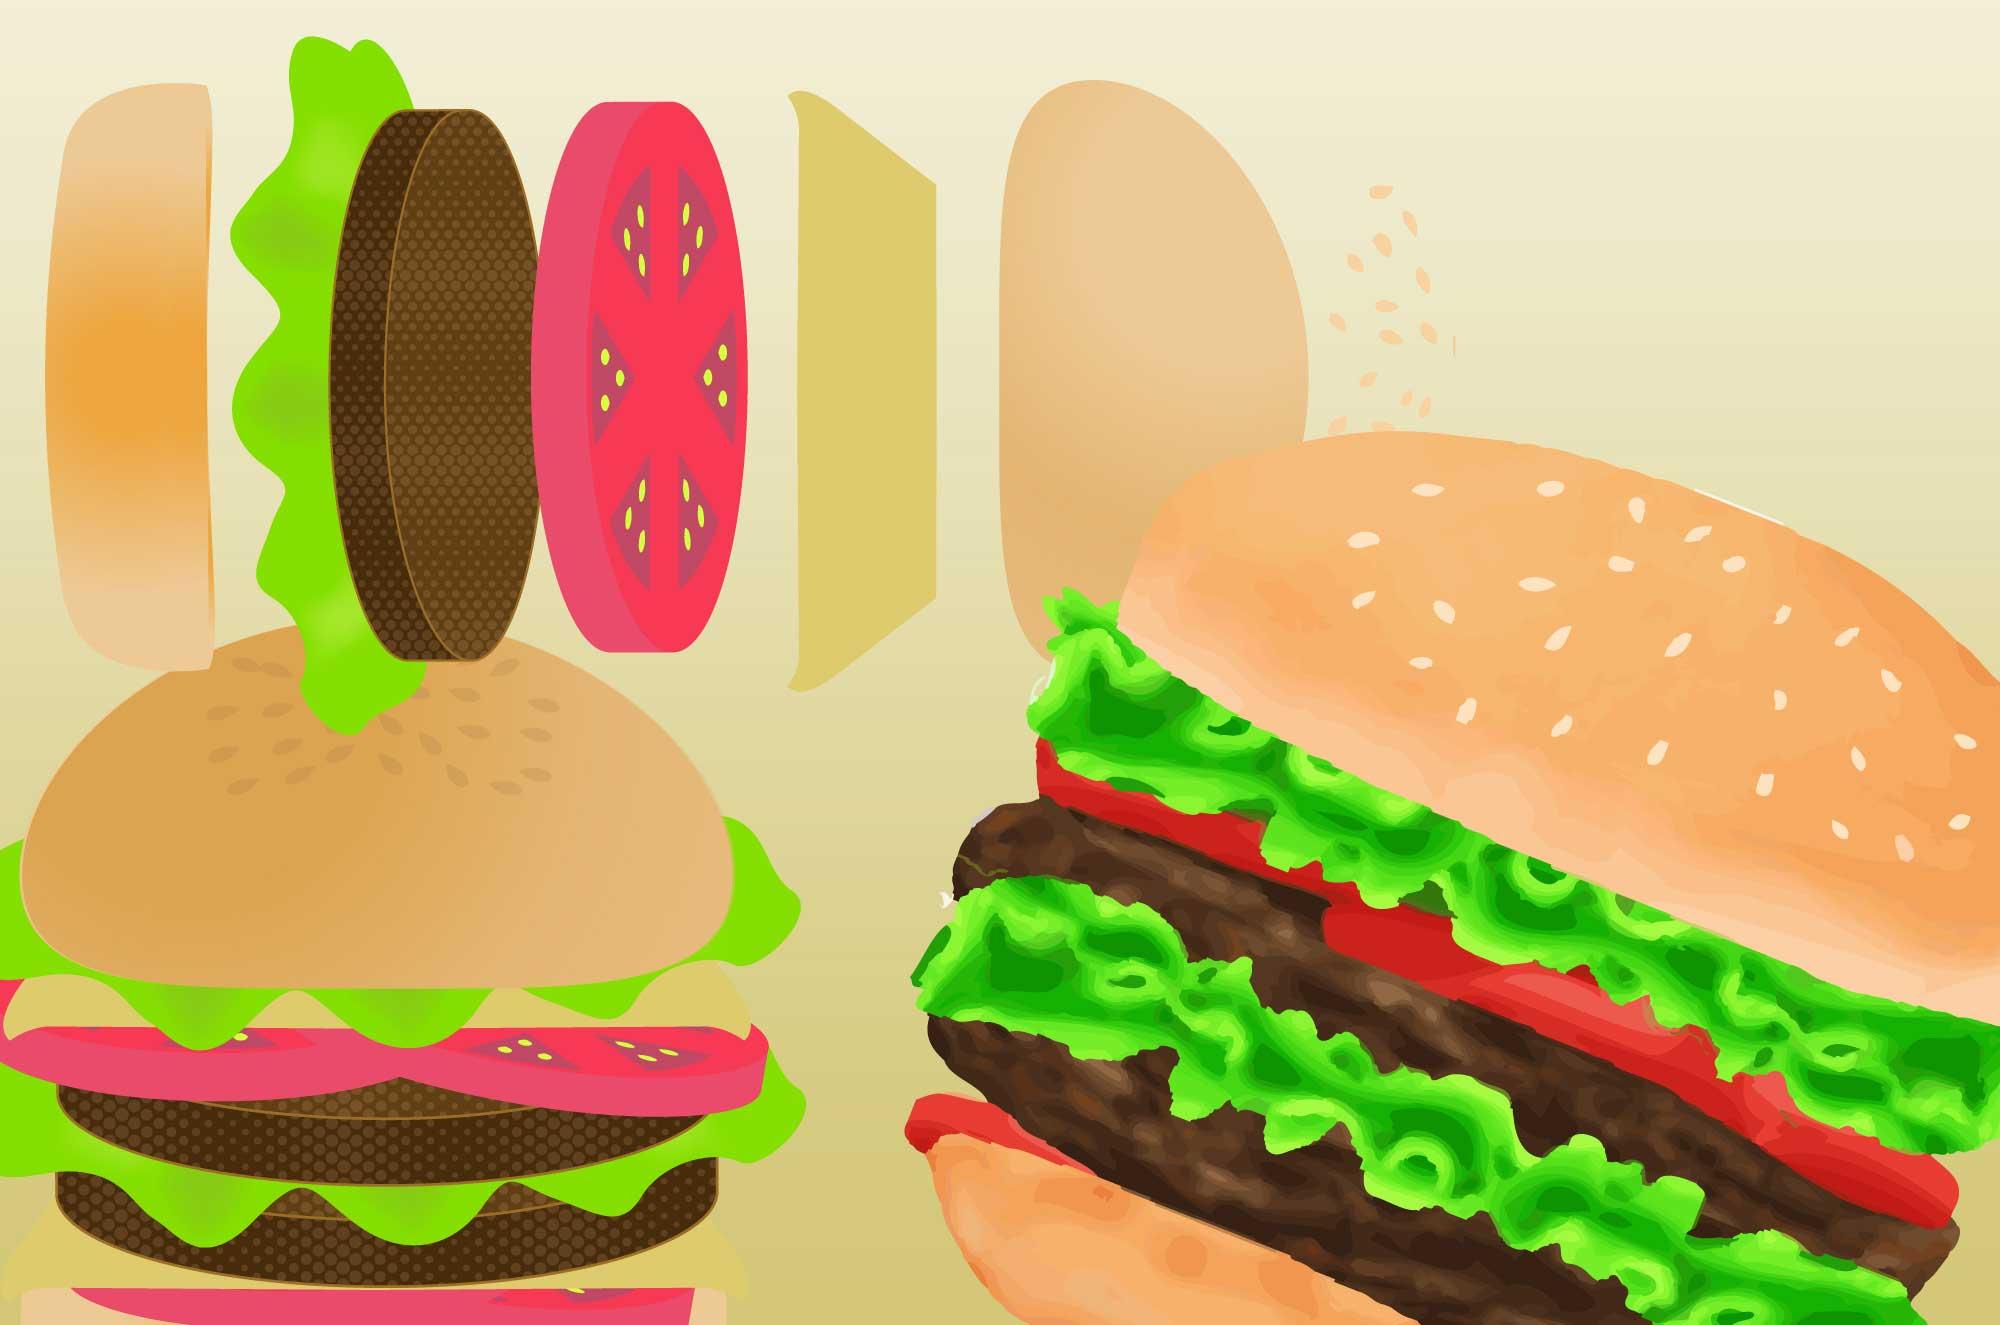 ハンバーガーのイラスト - 美味しそうなフード素材